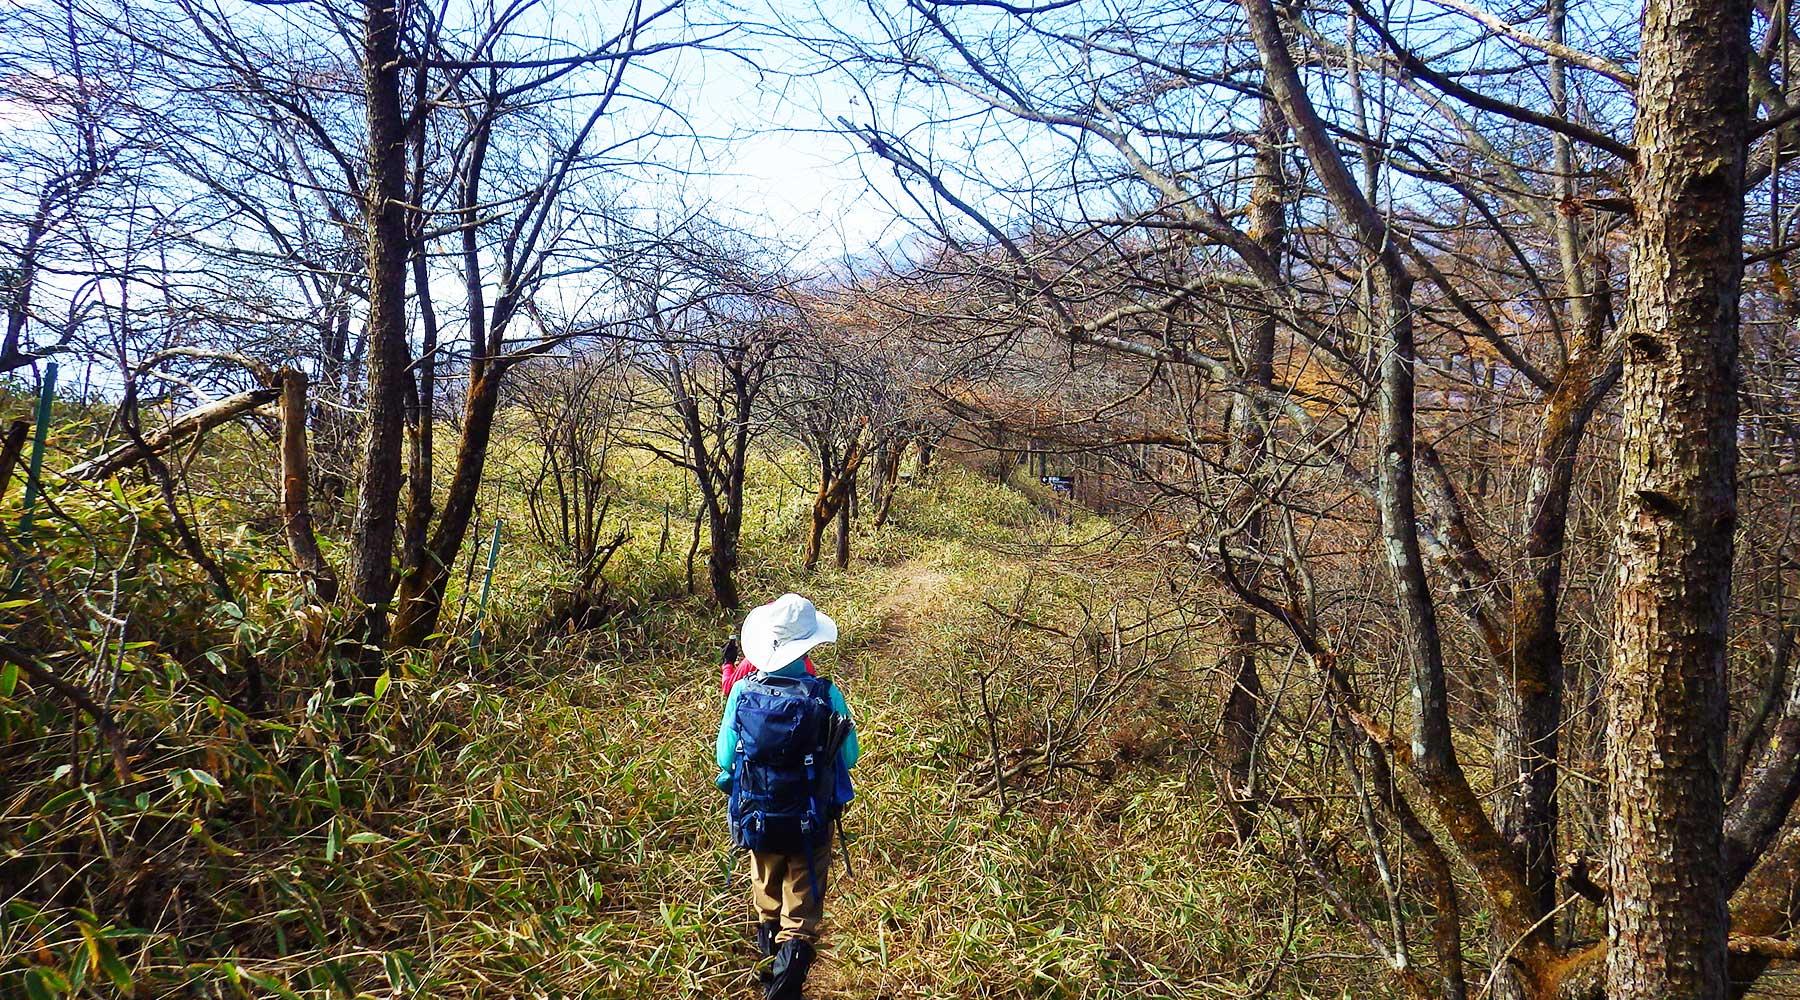 登りで通過した平沢山への分岐へ戻ってきた。